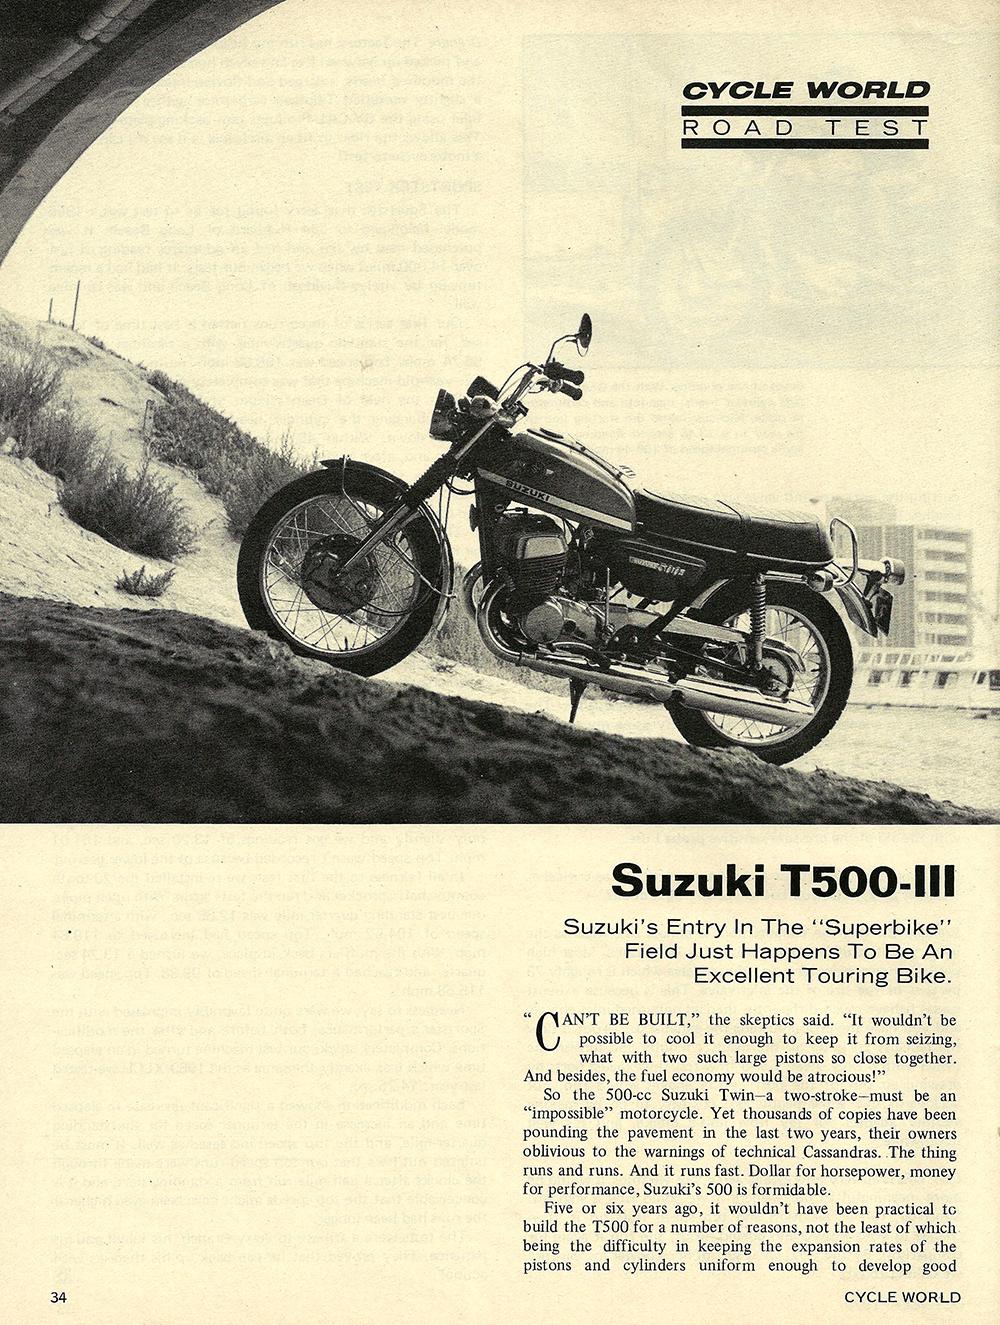 1970 Suzuki T500 III road test 01.jpg